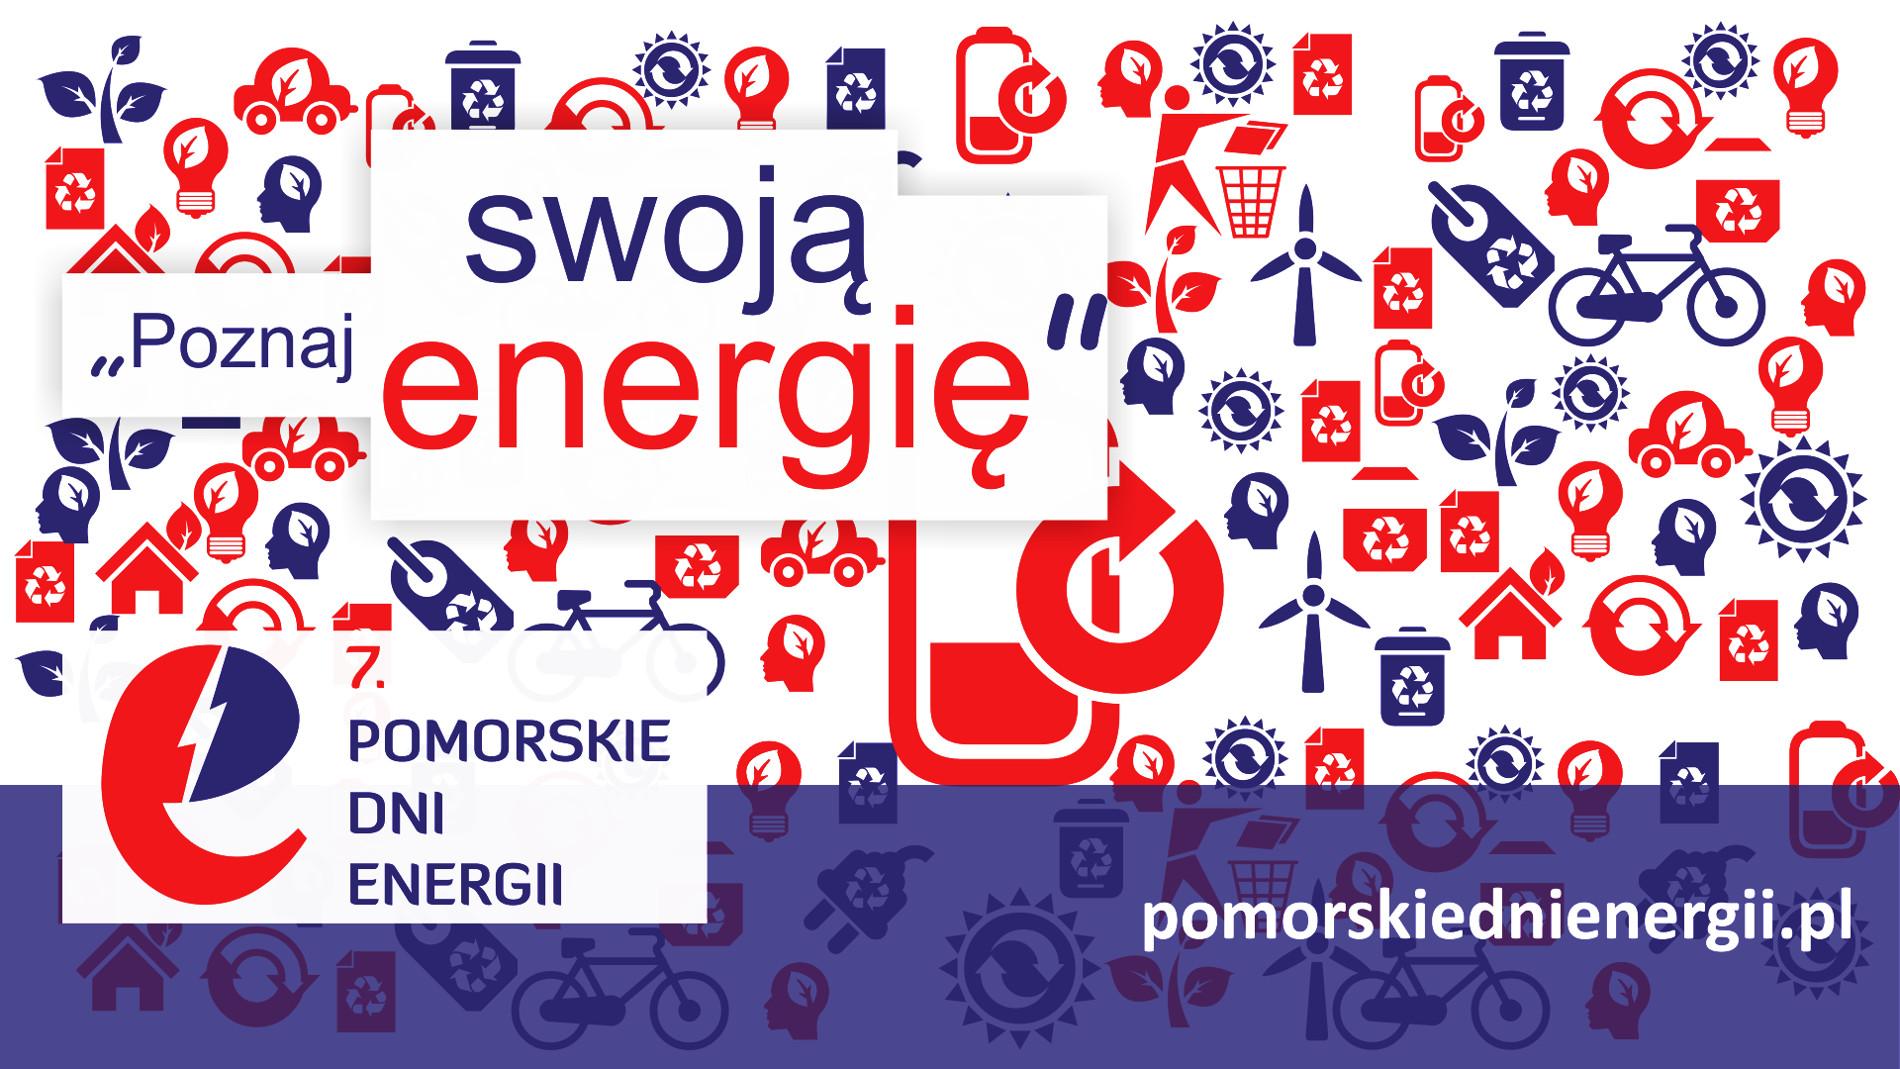 Ogrzewanie sterowane smartfonem i wiele energetycznych atrakcji [7. POMORSKIE DNI ENERGII]